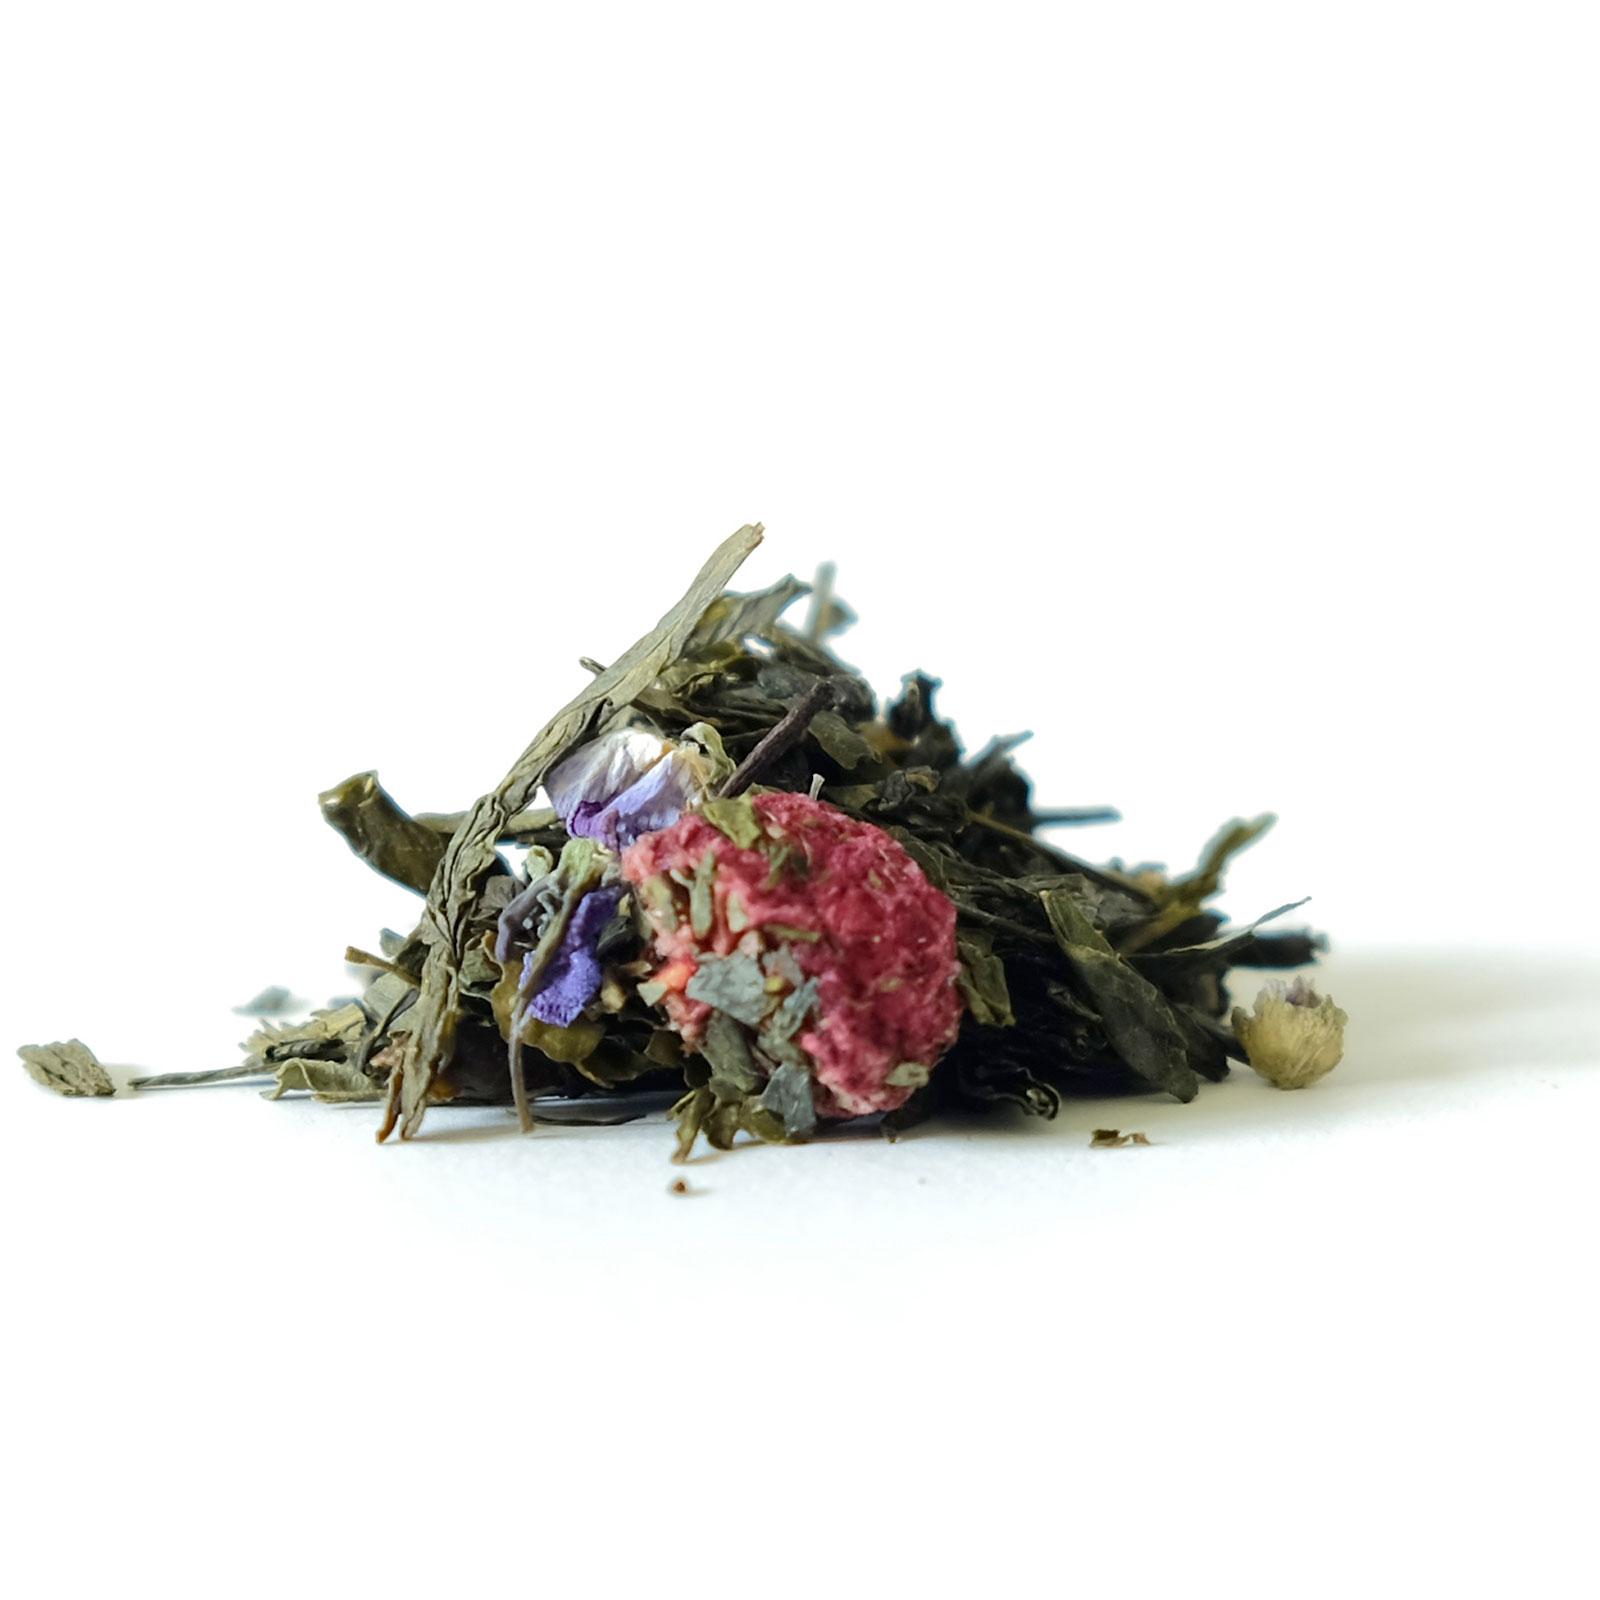 Feuilles de thé vert avec pétales de violettes et morceaux de framboise